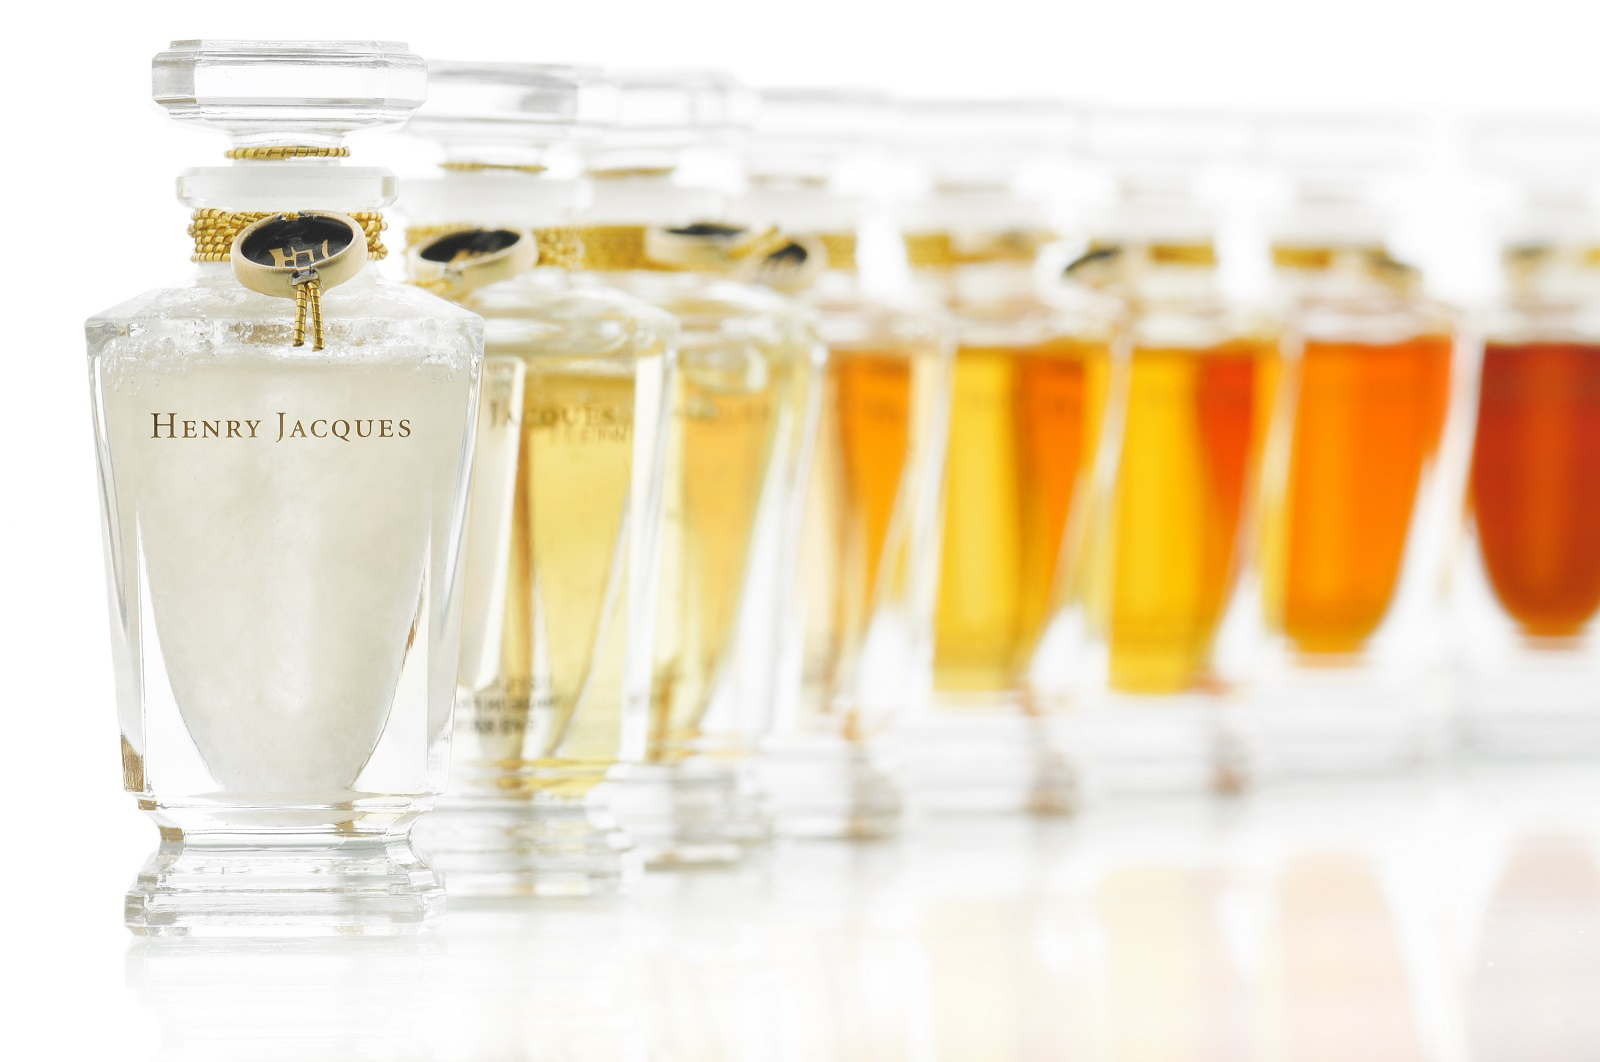 品牌故事》低調奢華的水晶藝術品 法國頂級香水亨利‧雅克